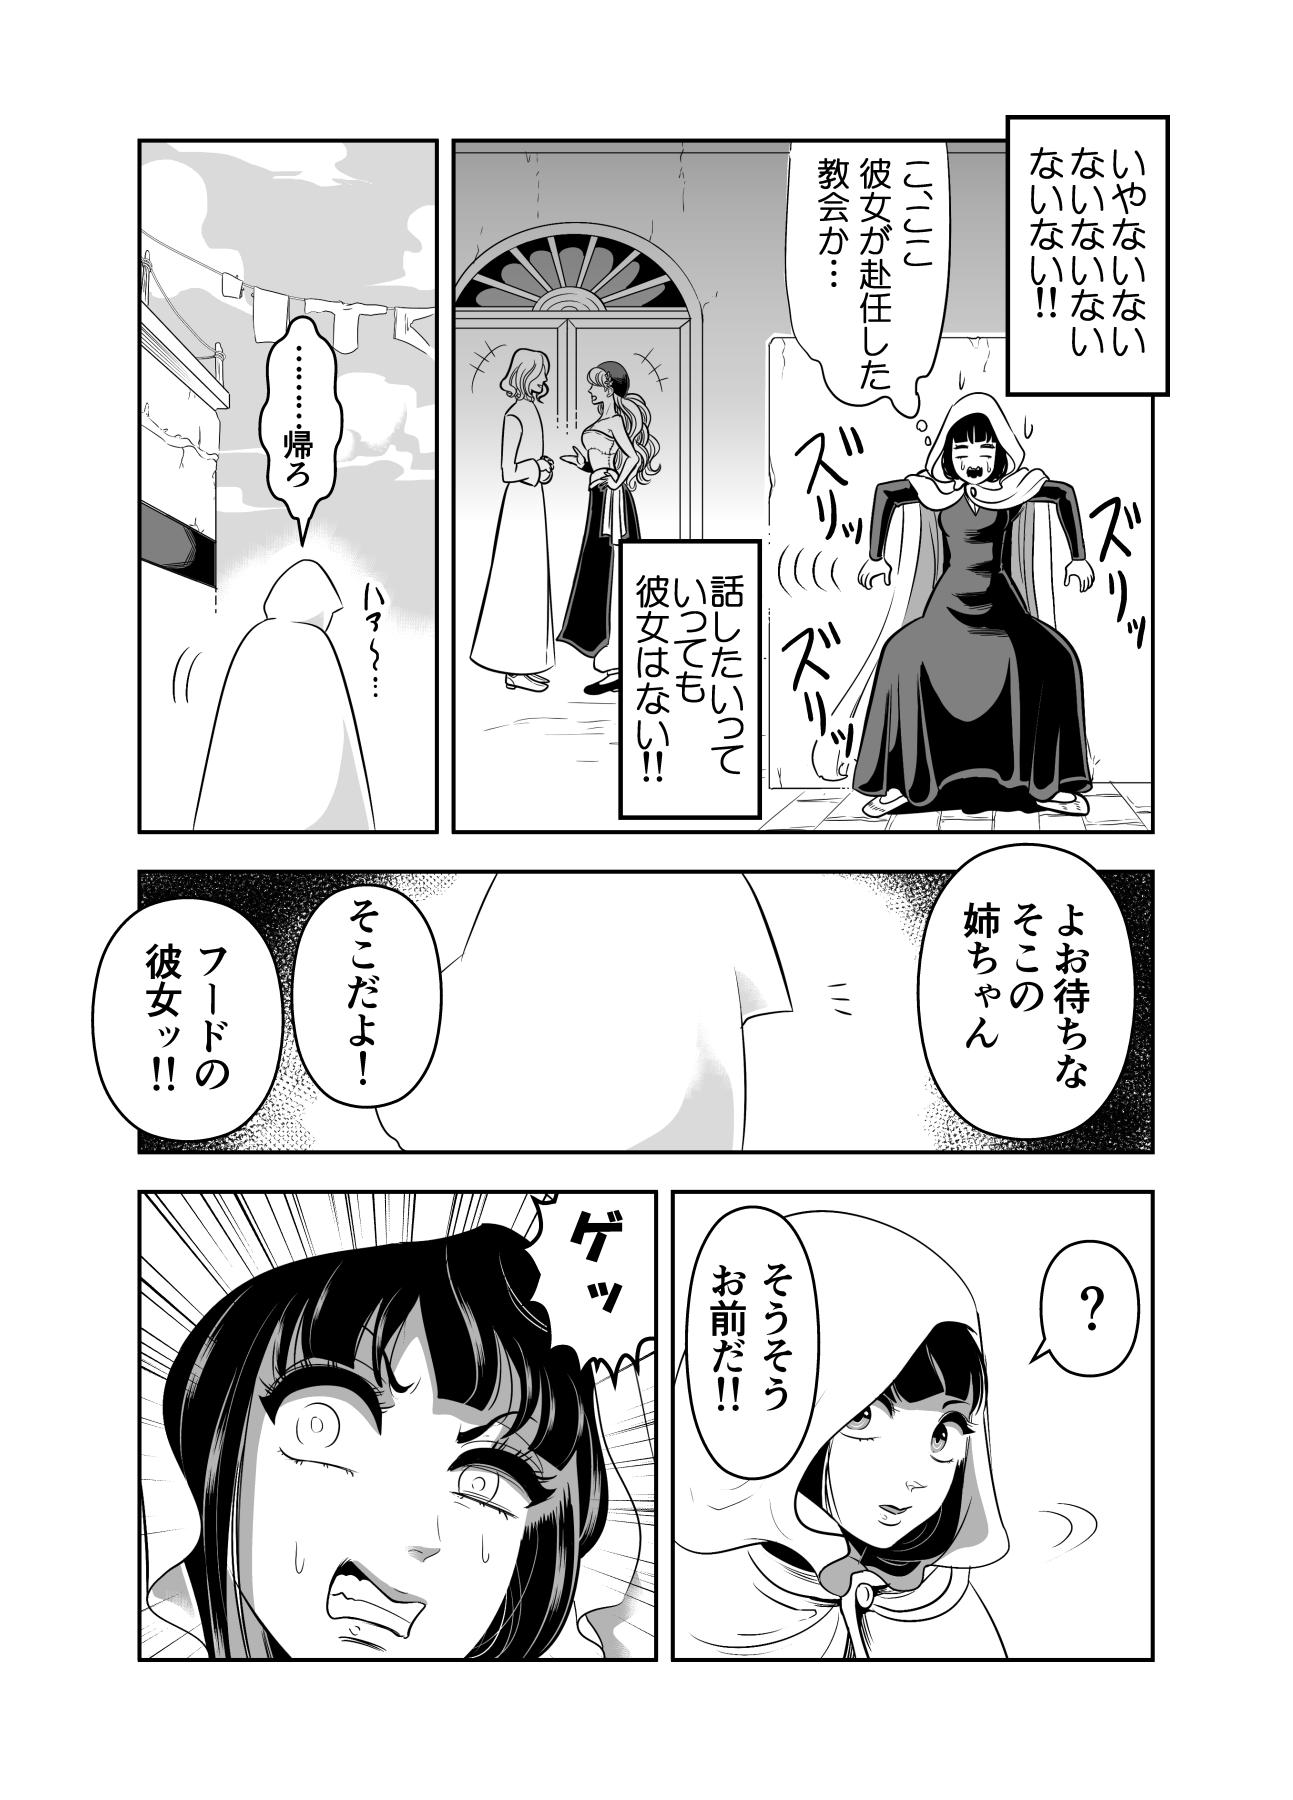 ヤサグレ魔女と第1王子と吸血鬼①0017